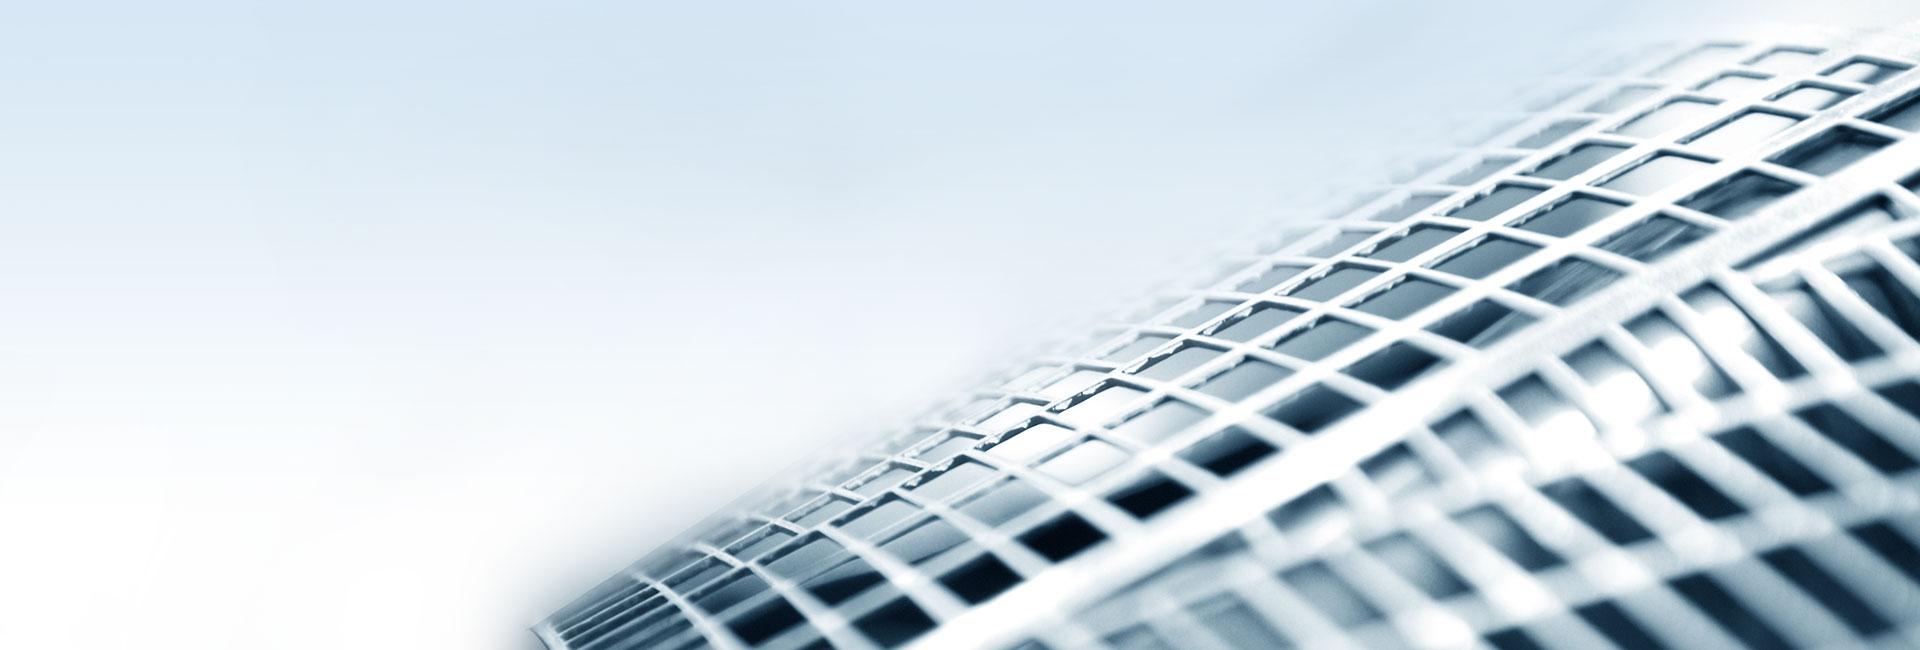 El logo de la tecnología de rejilla PowerFrame en el exterior de una batería indica la potencia del interior.